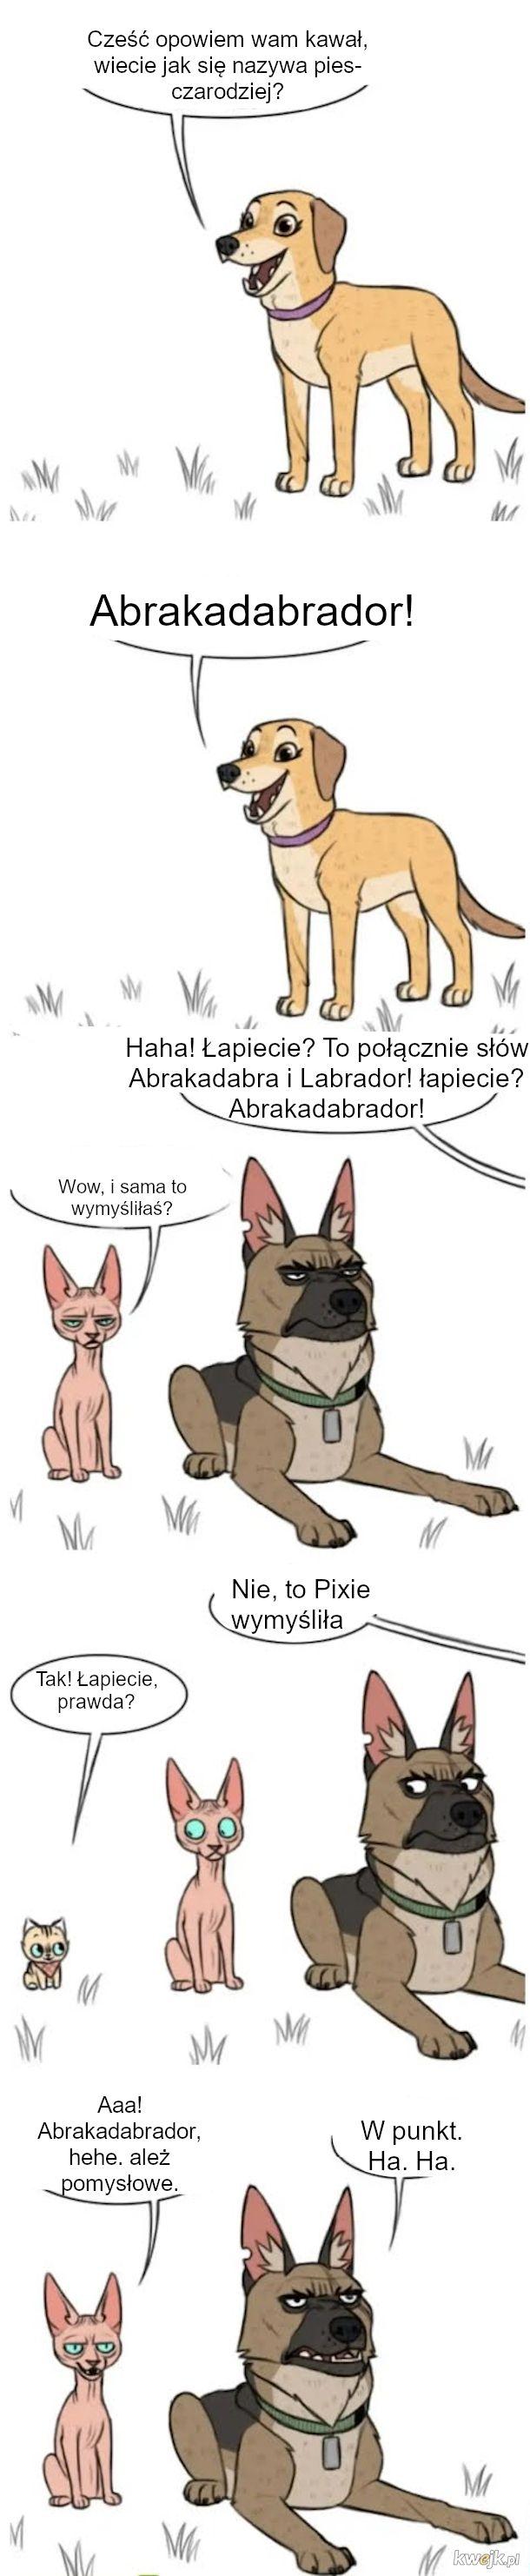 Klasyczny humor